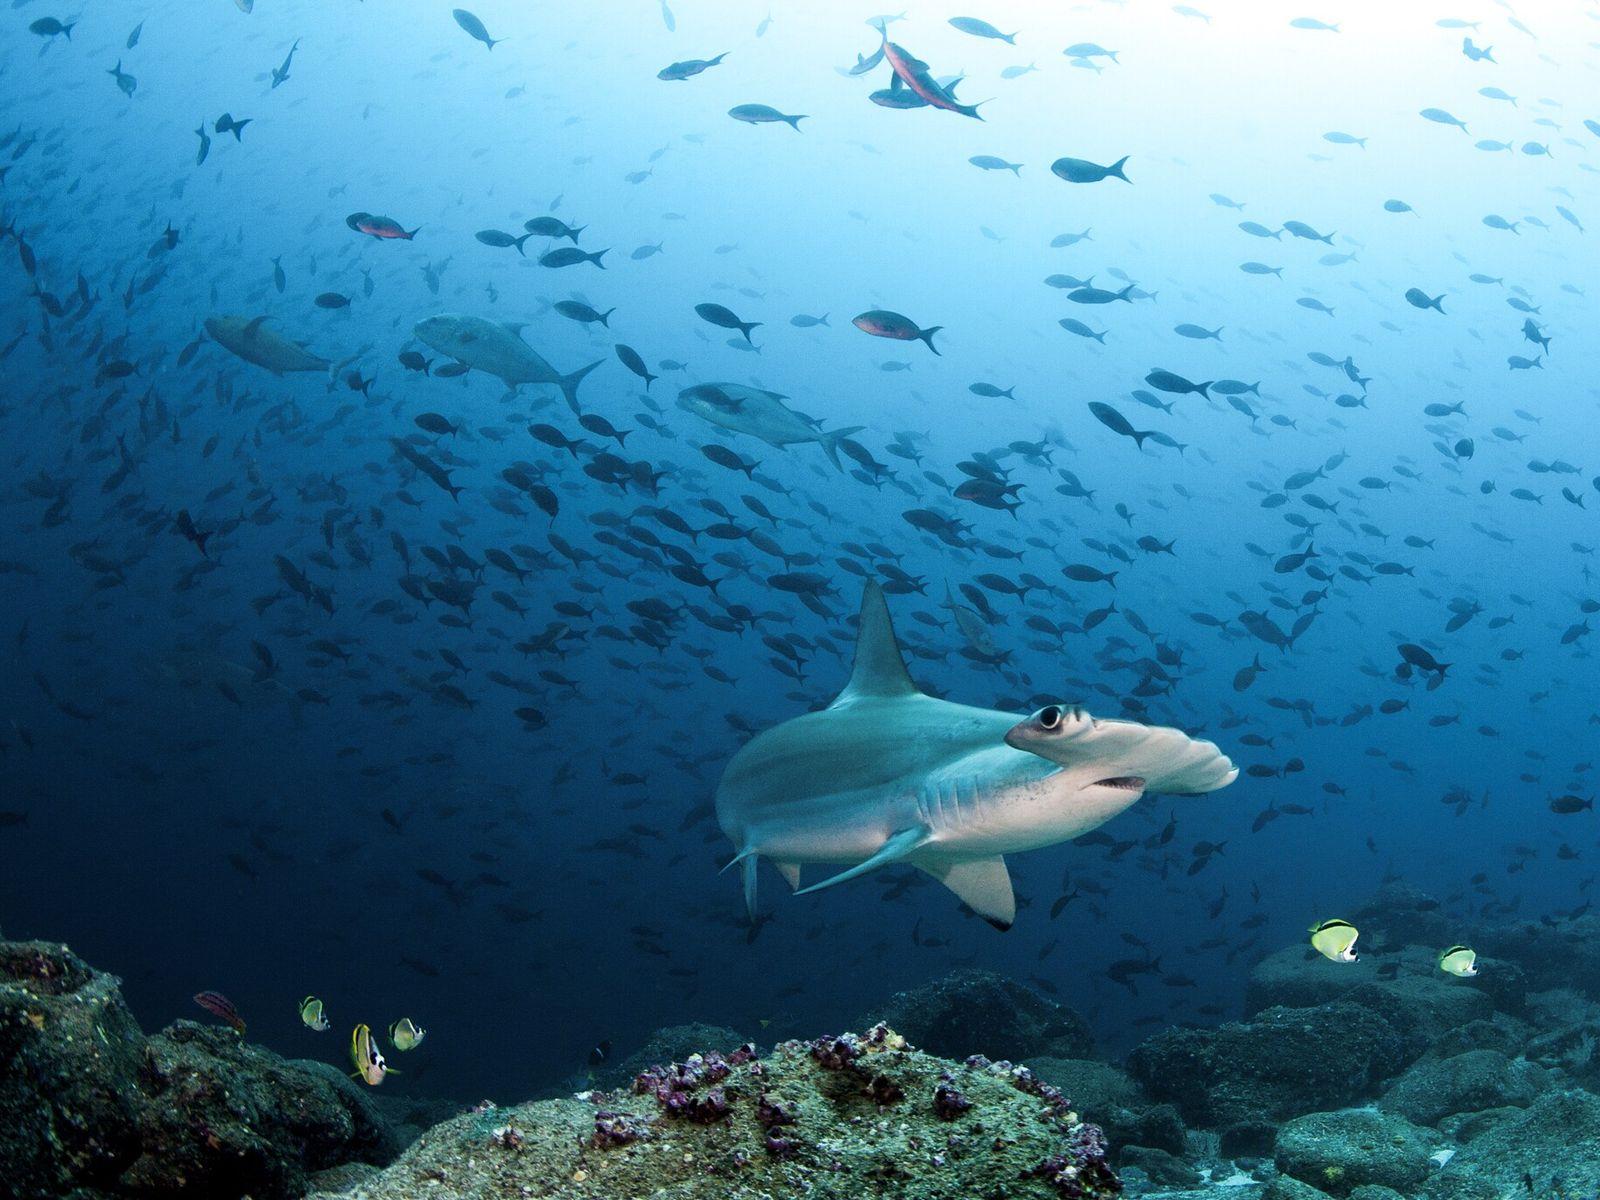 Tubarões-martelo da espécie Sphyrna lewini nadam próximos às Ilhas Galápagos. O peixe está criticamente ameaçado devido ...